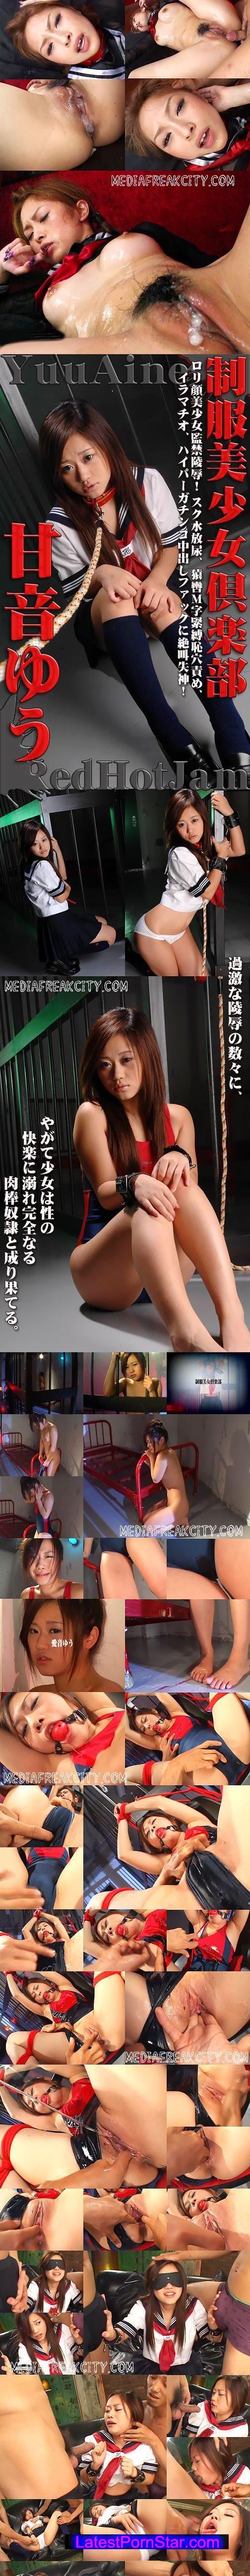 [RHJ-036] レッドホットジャム Vol.36 –  制服美女倶楽部 - : 宝月ひかる, 愛音ゆう